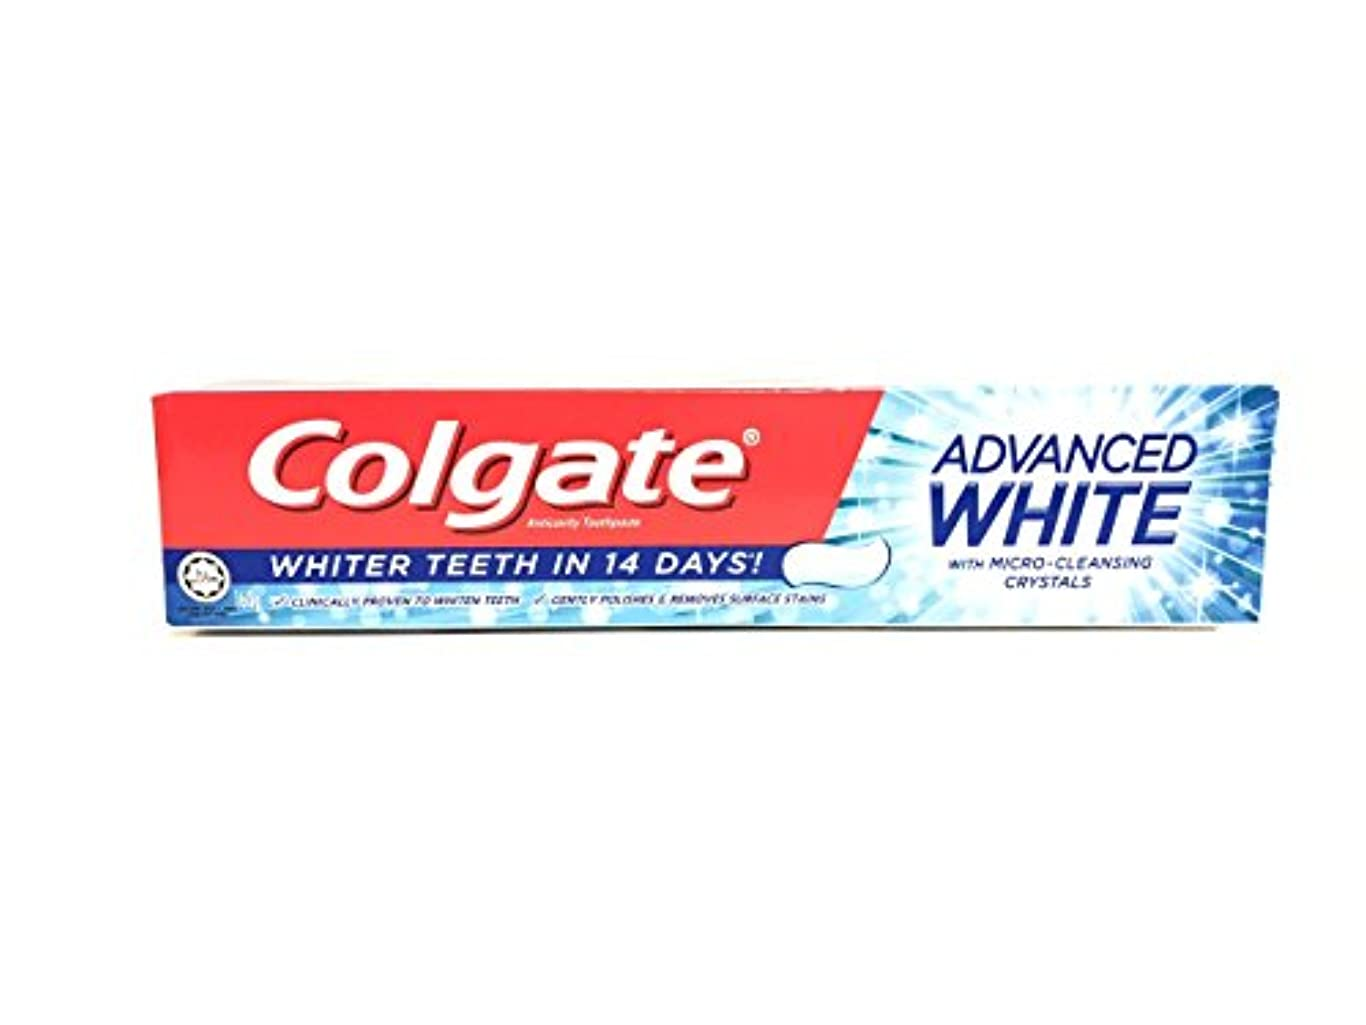 ところで言い換えるとフロー[ARTASY WORKSHOP®][並行輸入品] Colgate コルゲート 歯磨き粉 美白 ADVANCED WHITE 美白歯磨剤 虫歯予防 歯周病ケア 口臭改善 ホワイトニング (ADVANCED WHITE)